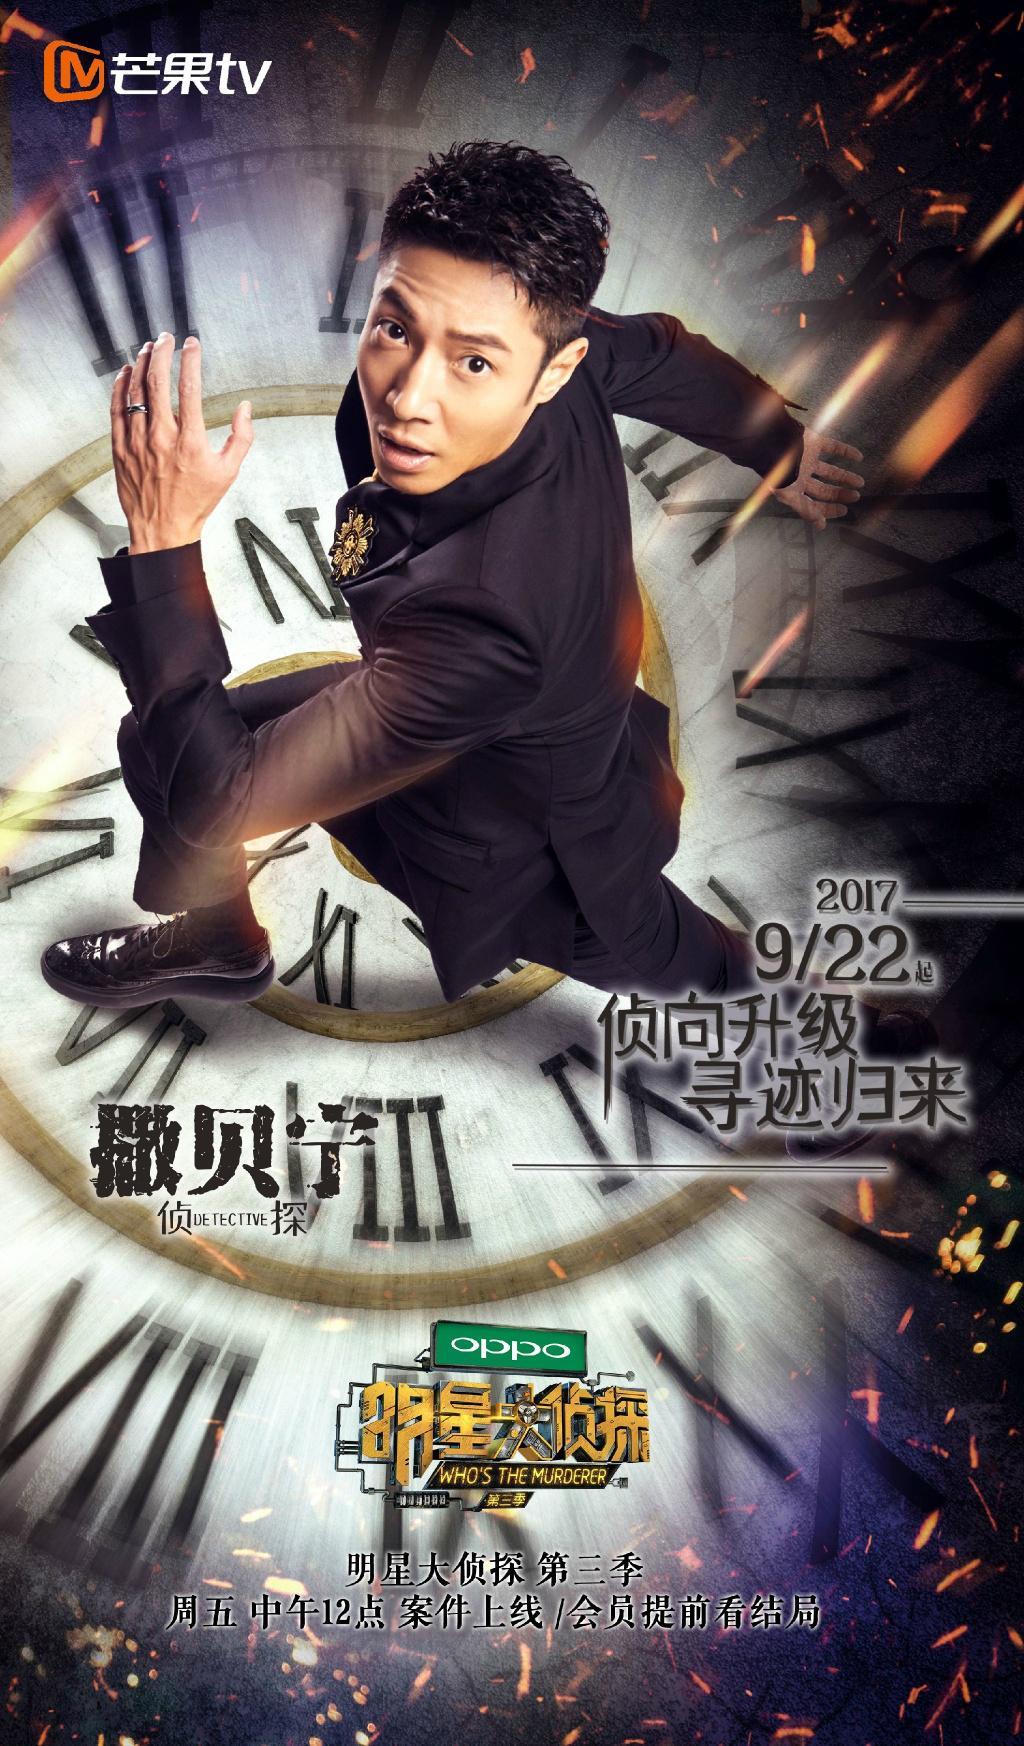 《明星大侦探3》人物海报图片